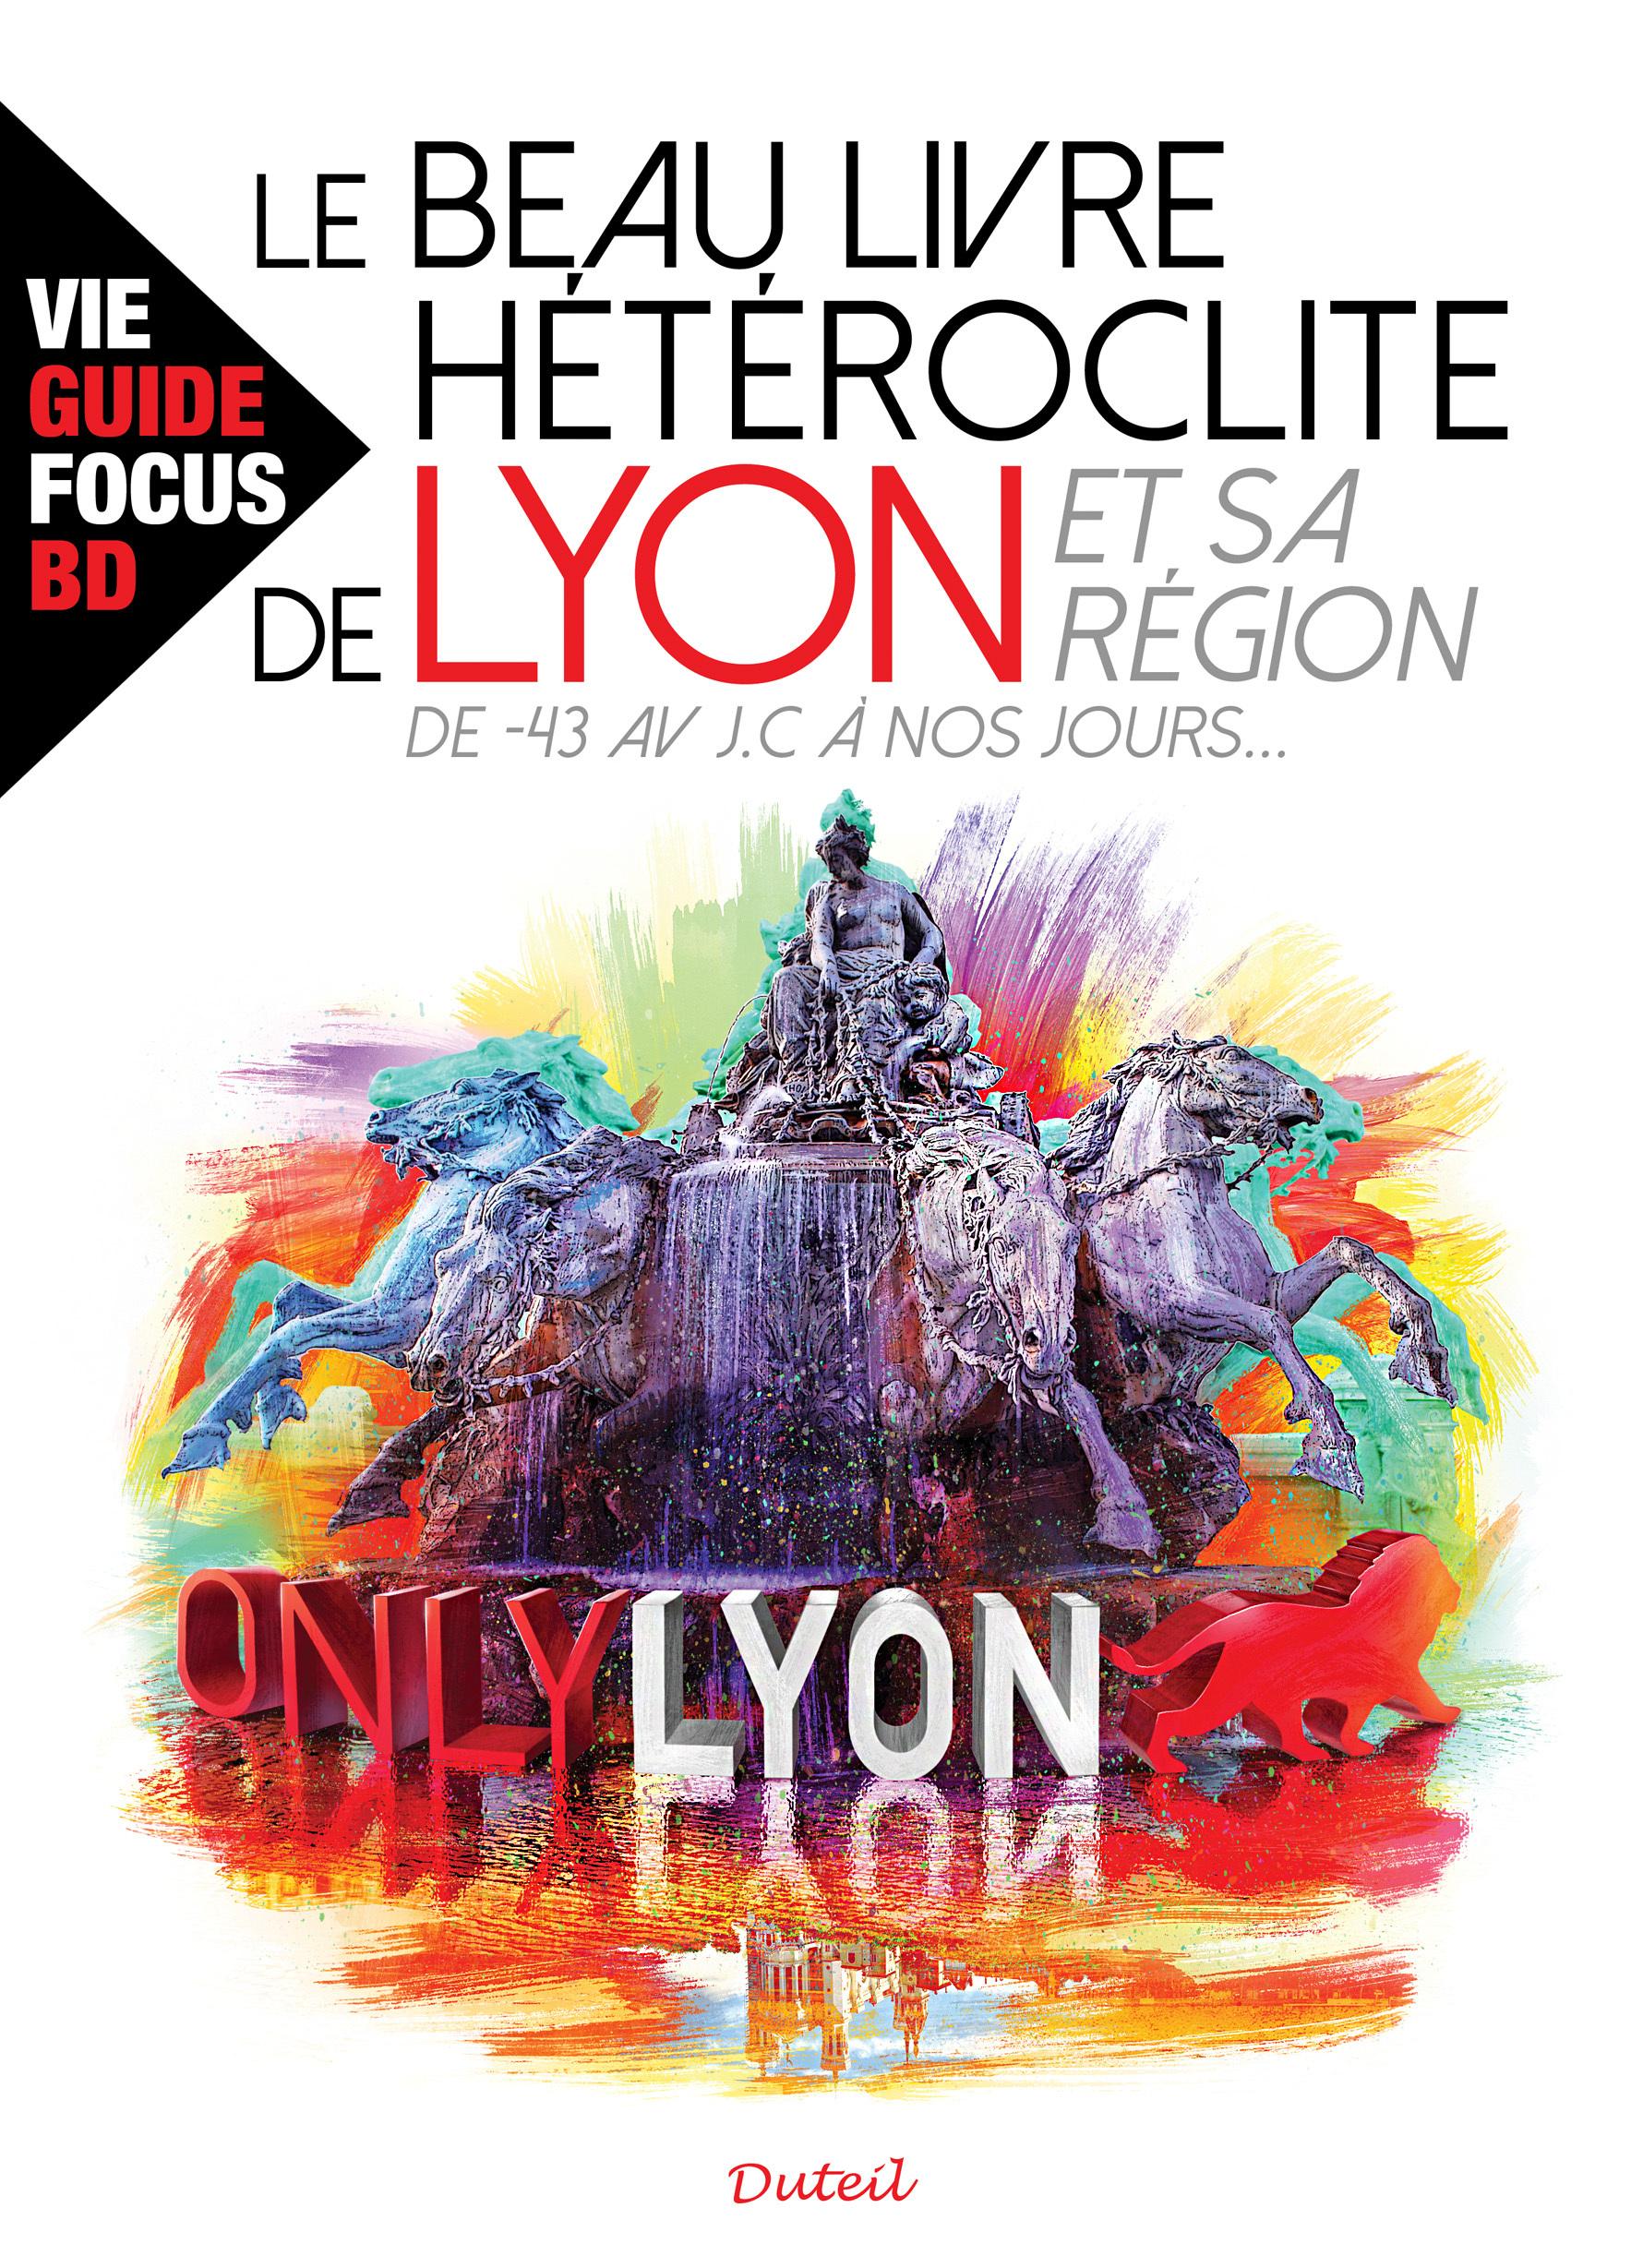 LE BEAU LIVRE HETEROCLITE DE LYON ET SA REGION -43 AV J.C A NOS JOURS